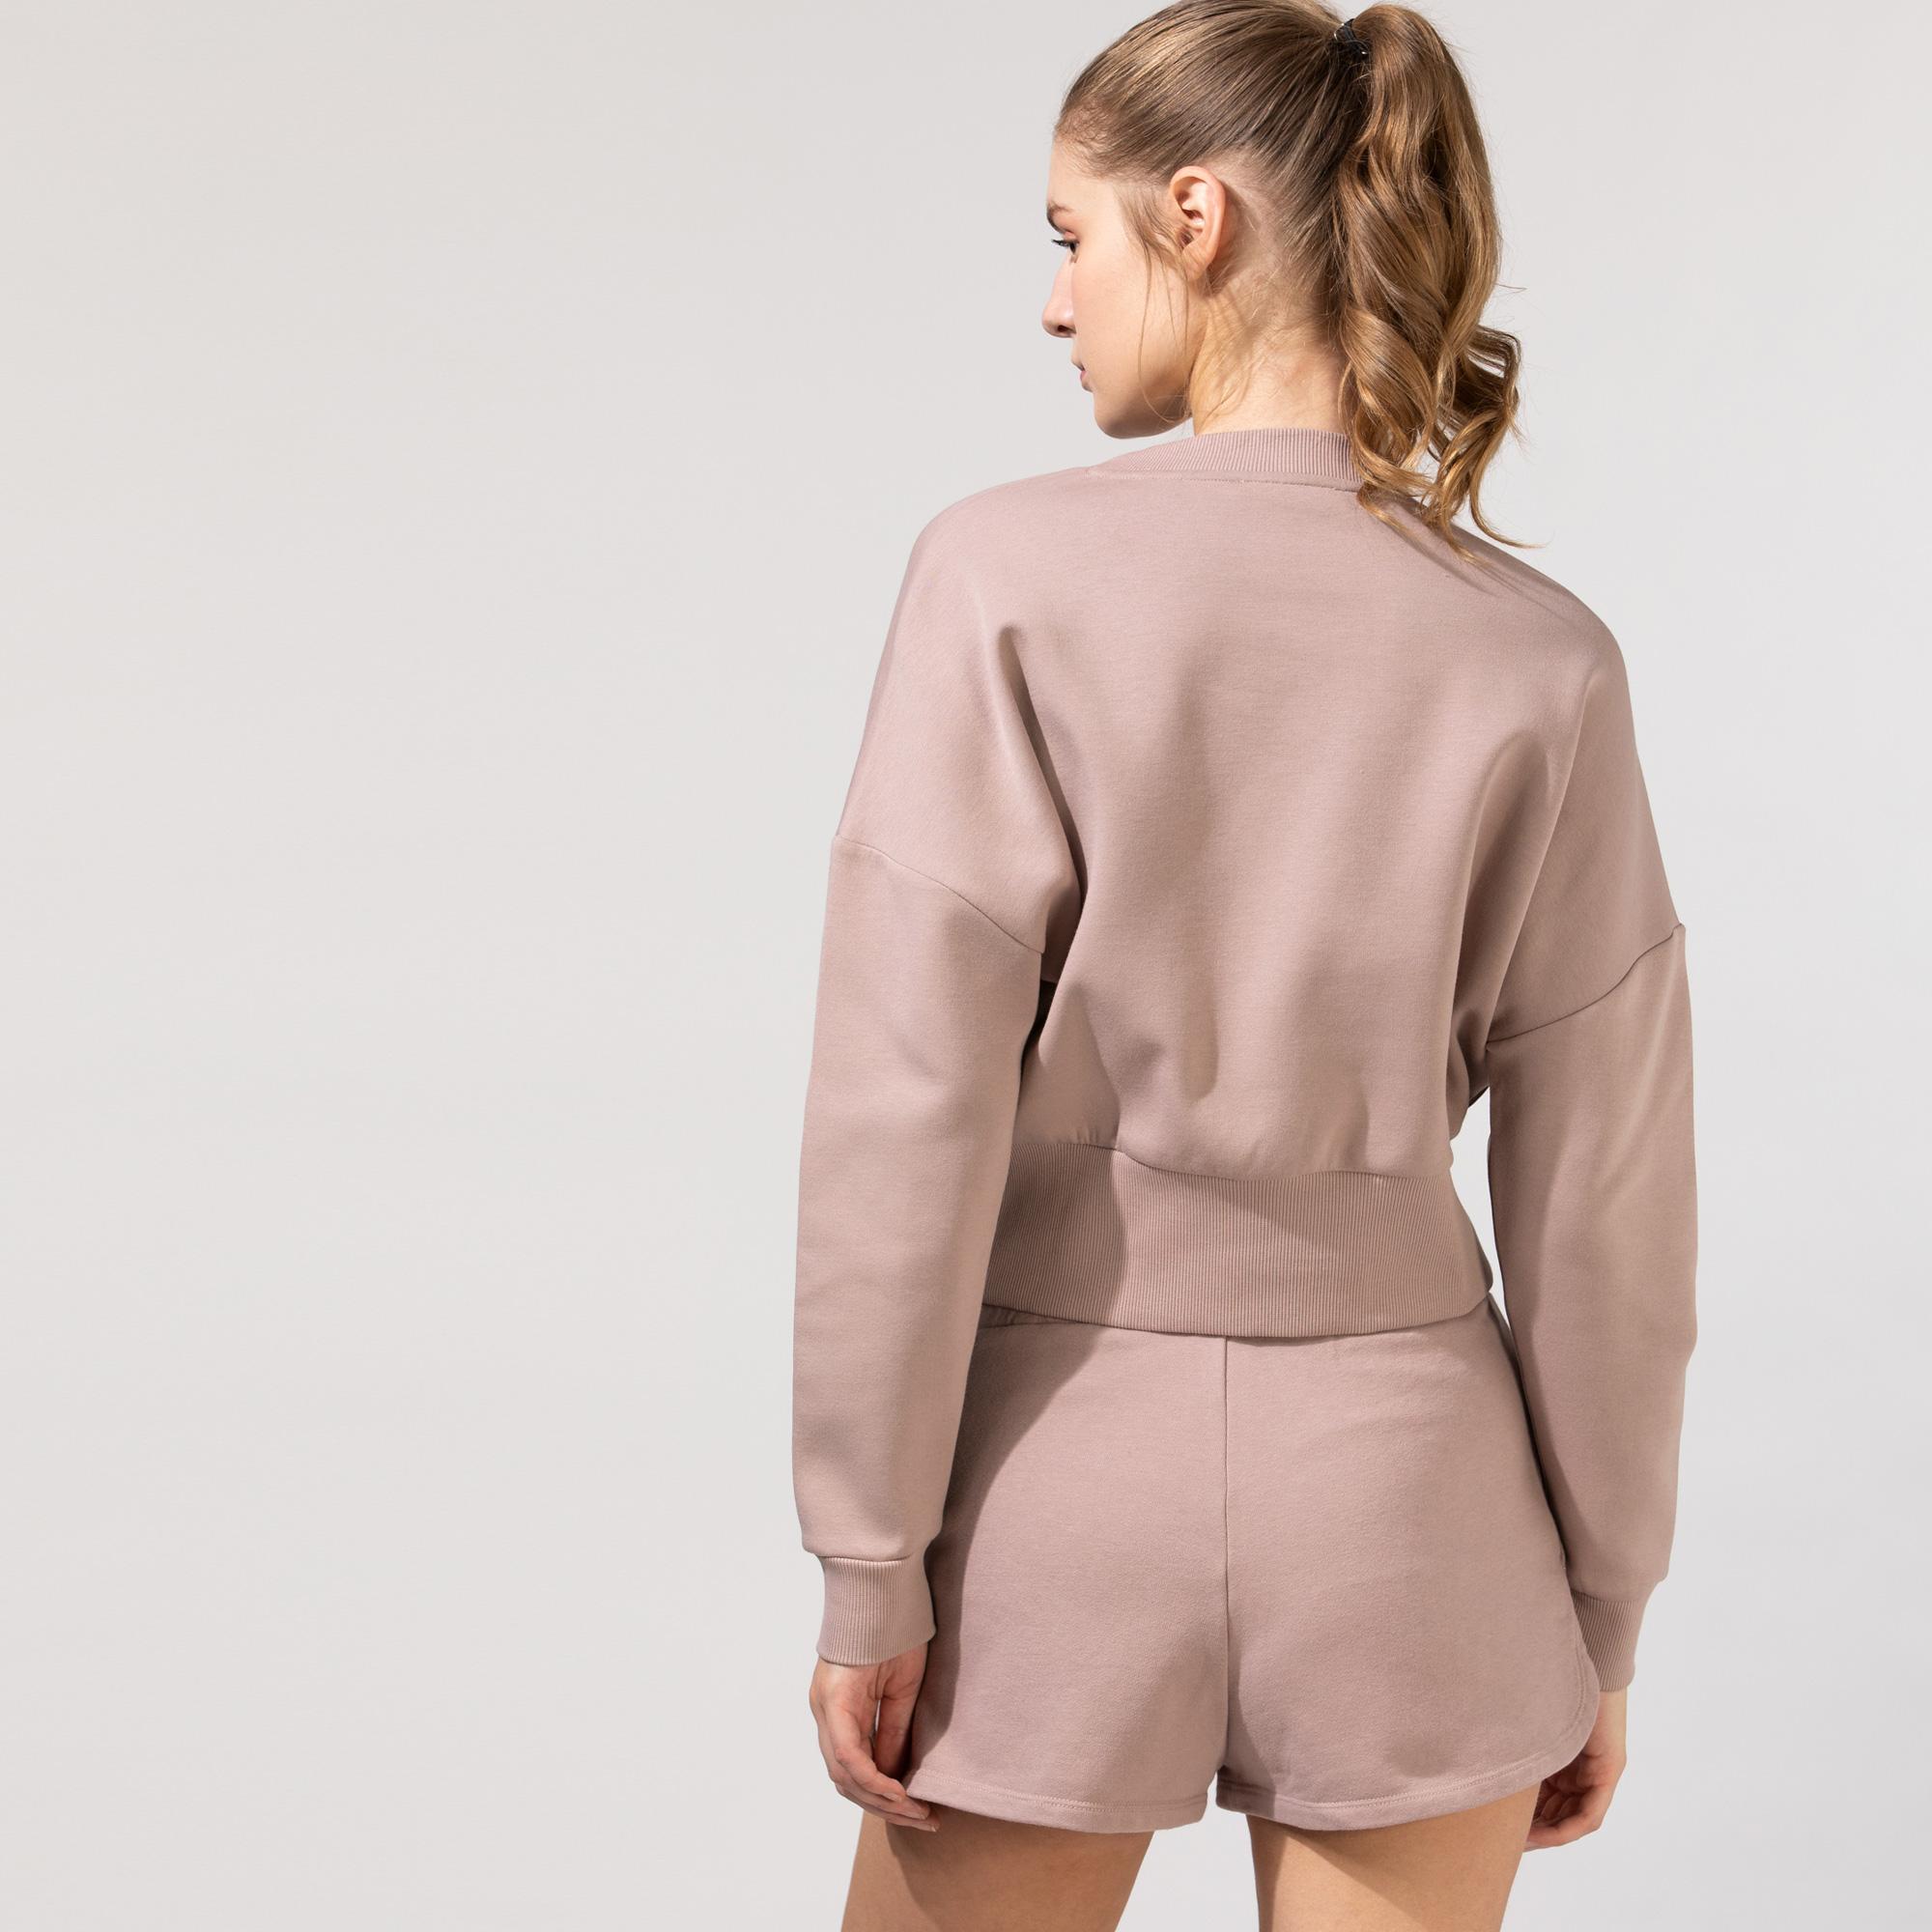 Guess Kadın Bej Sweatshirt